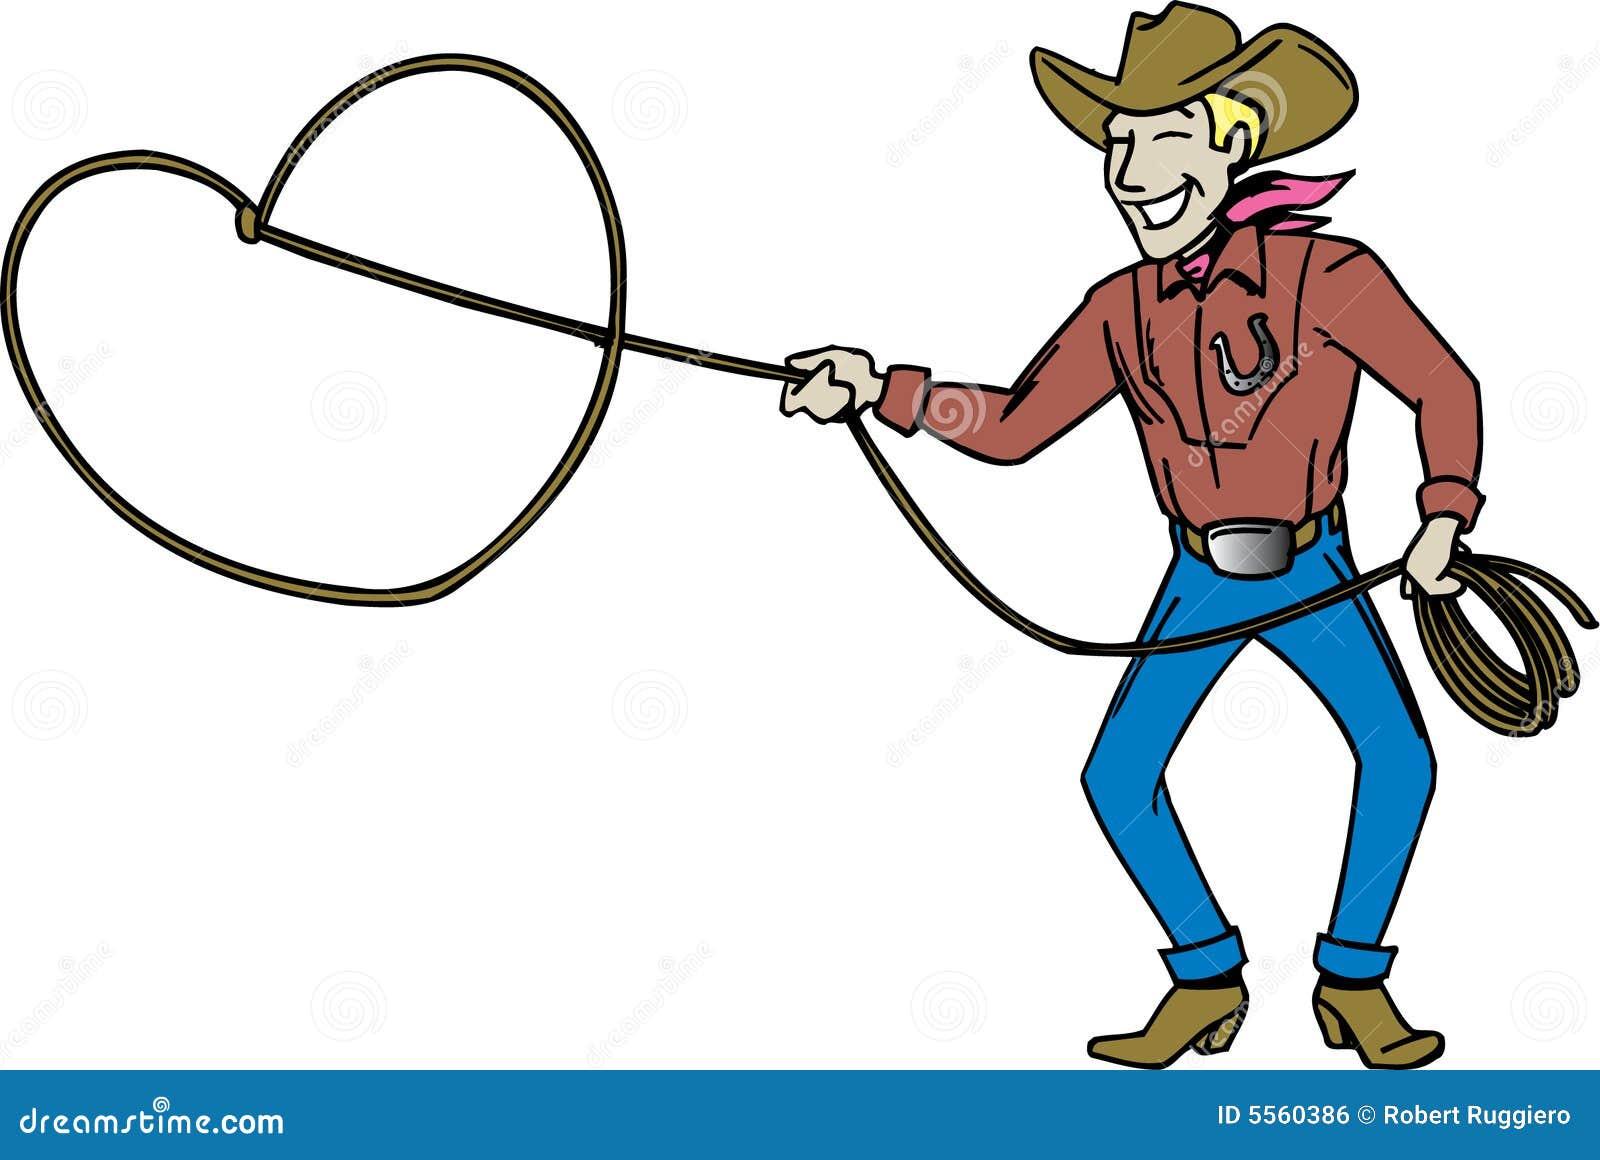 Cowboy Lassos Cowboy with lasso royalty free